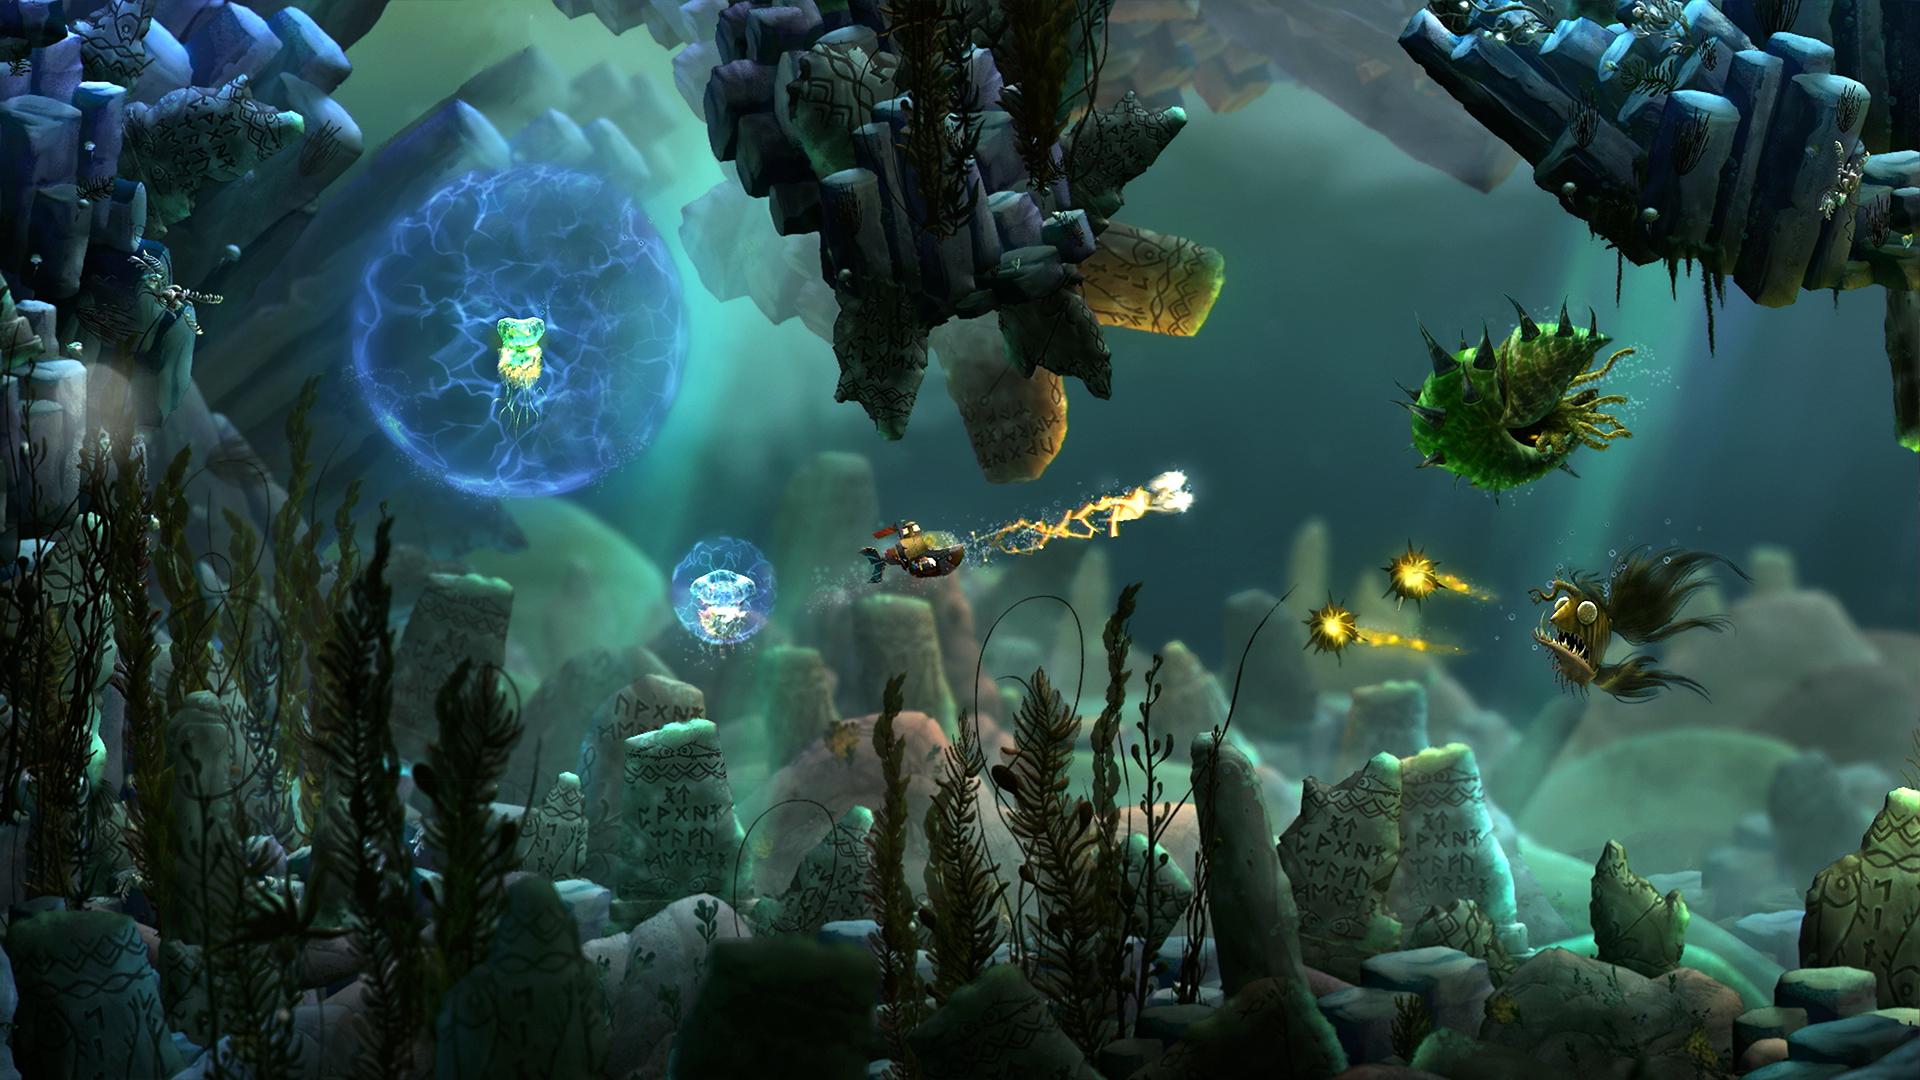 Screenshot: 2D Unterwasserlandschaft; ein kleines U-Boot schießt einen Blitz auf ein bedrohlich aussehendes Unterwasserwesen während es von einem Anderen mit leuchtenden Stachelbällen attackiert wird.